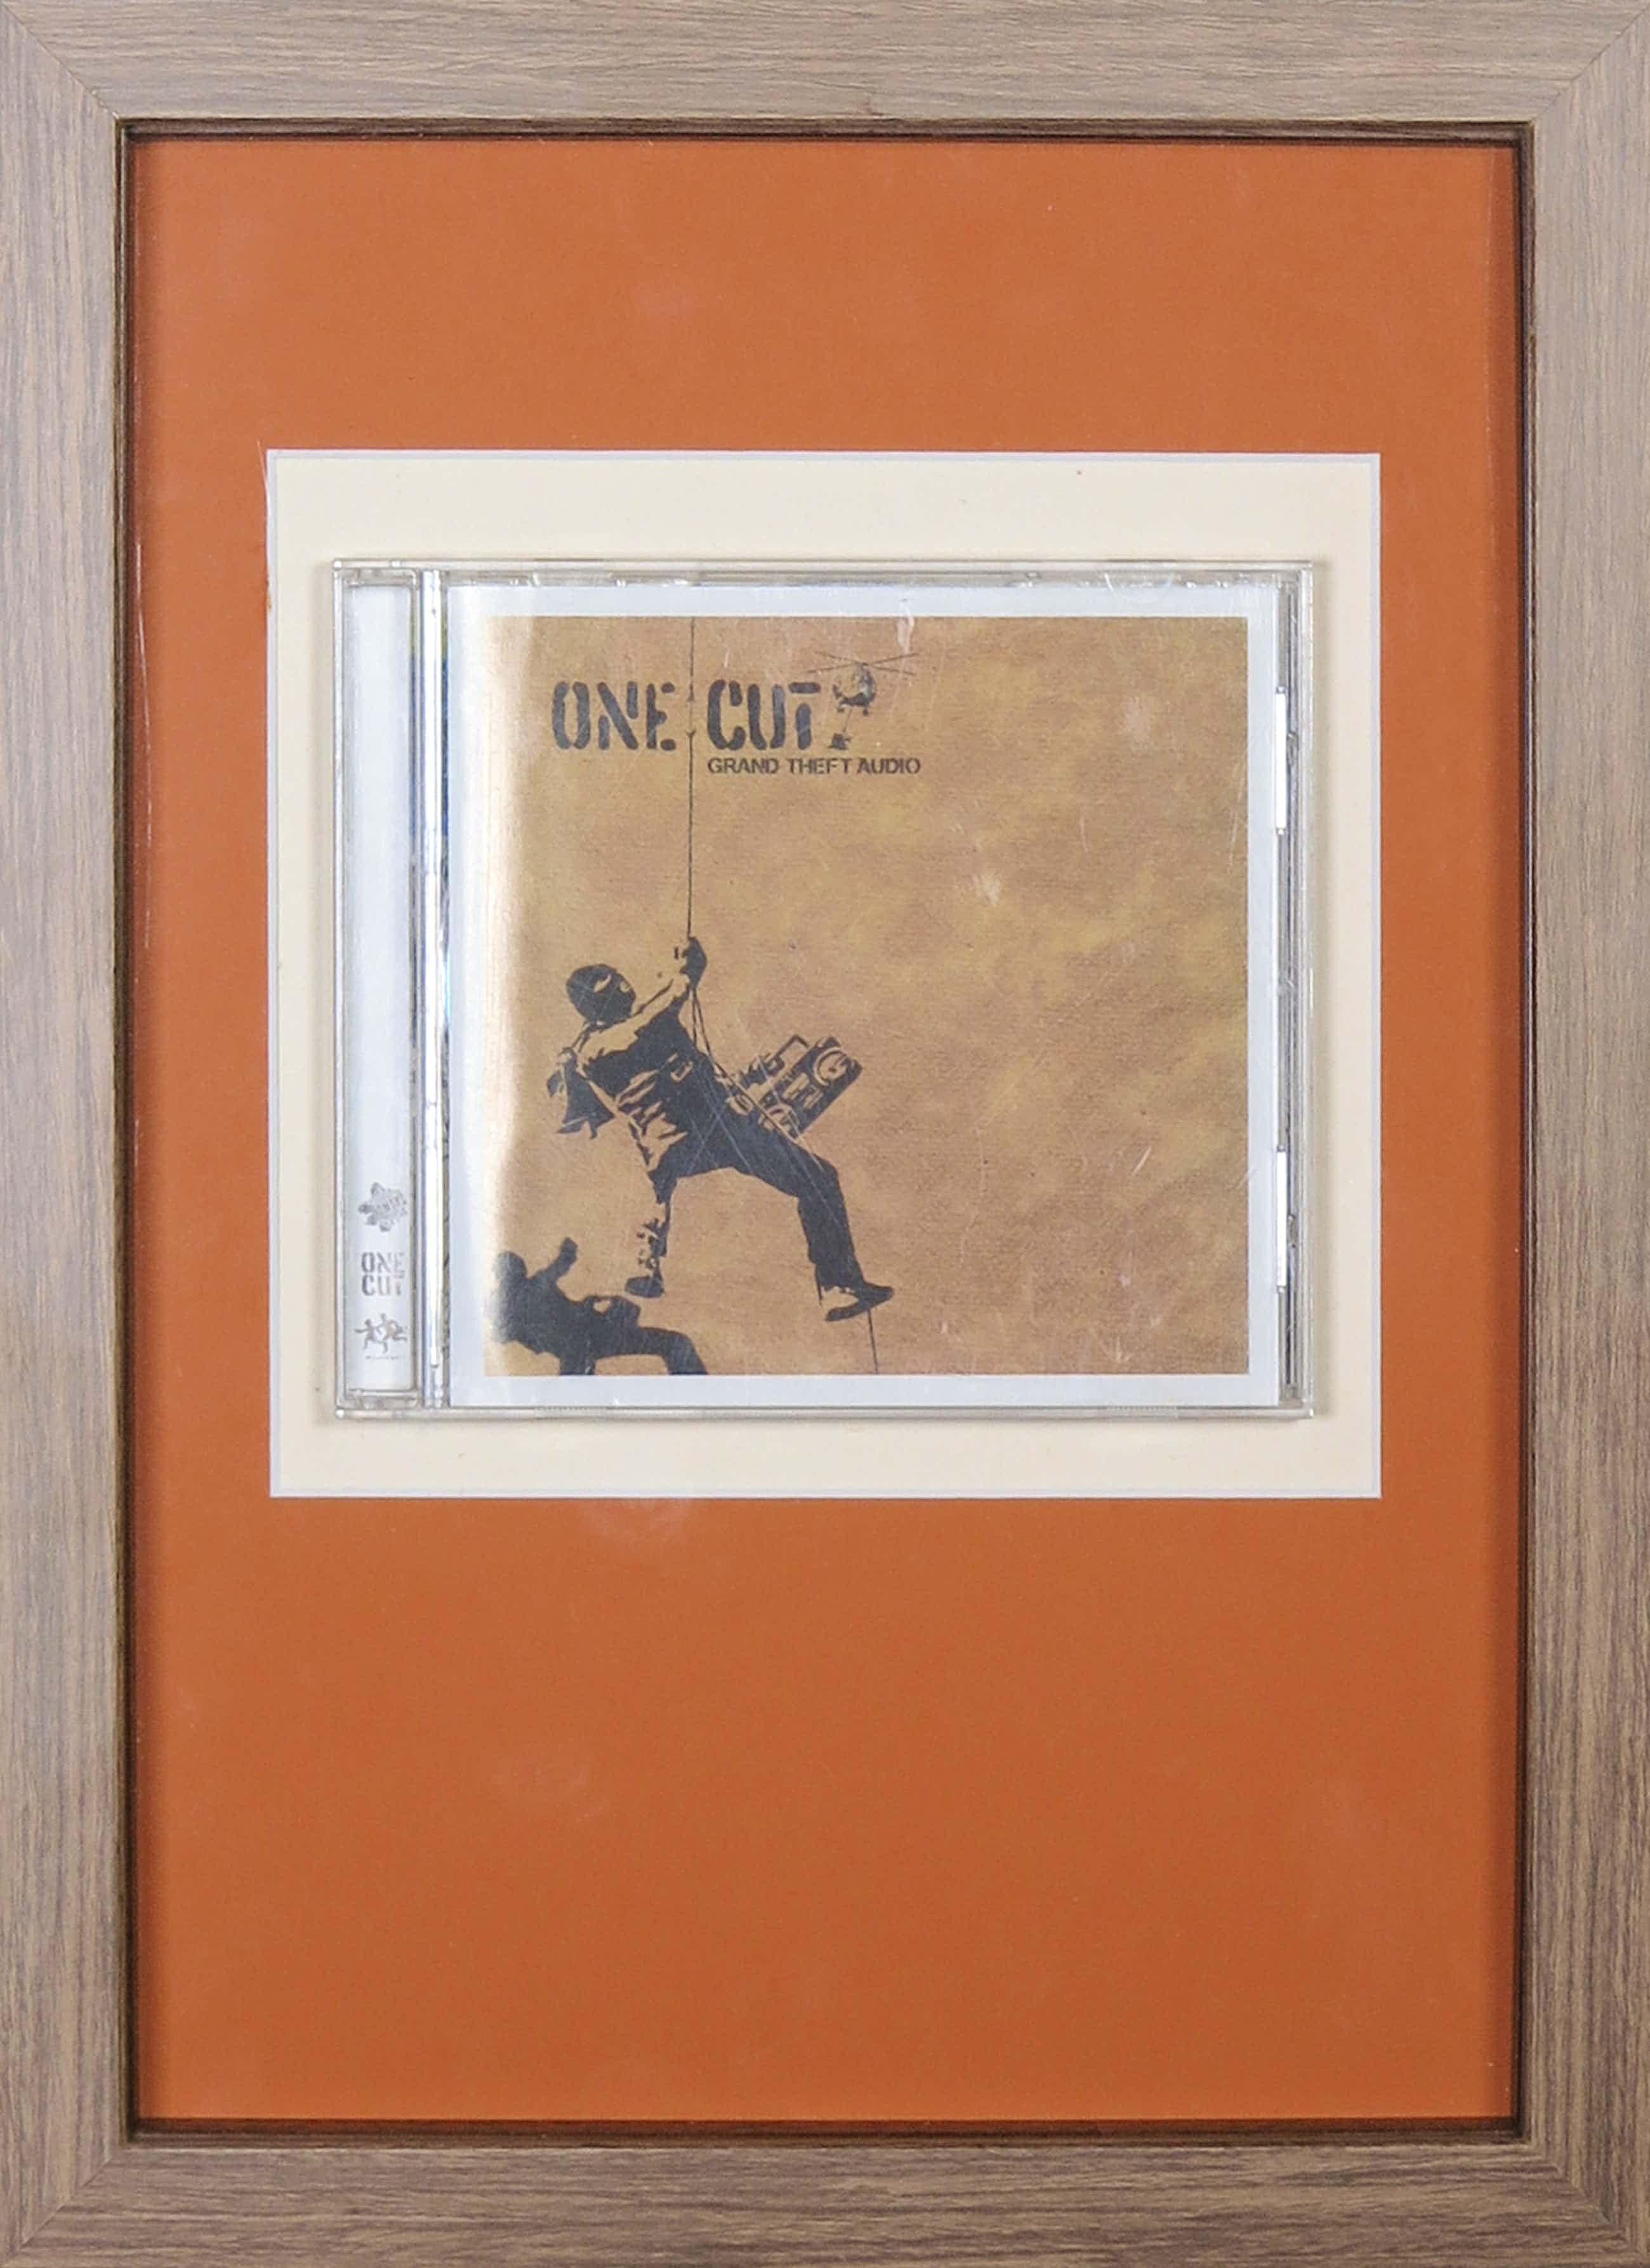 Banksy - One Cut: Grand Theft Audio (CD) - Ingelijst kopen? Bied vanaf 133!